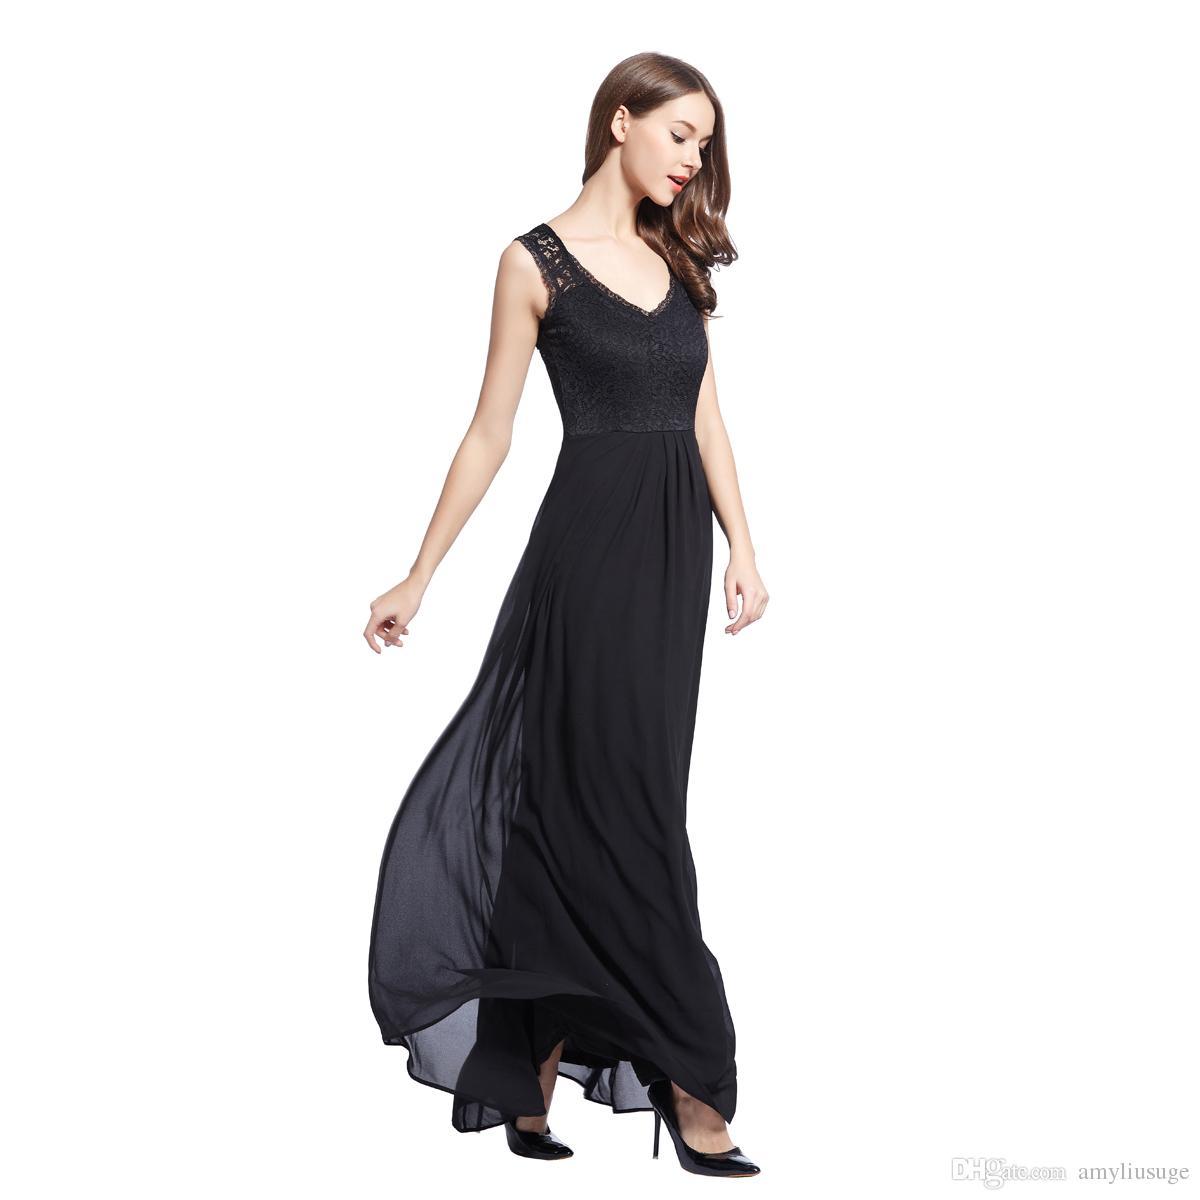 fd1f01ec99 Envío gratis vestido de bola de las mujeres Prom Maxi largo gasa noche  formal del vestido de dama de honor de la boda vestido de fiesta vestido  3193